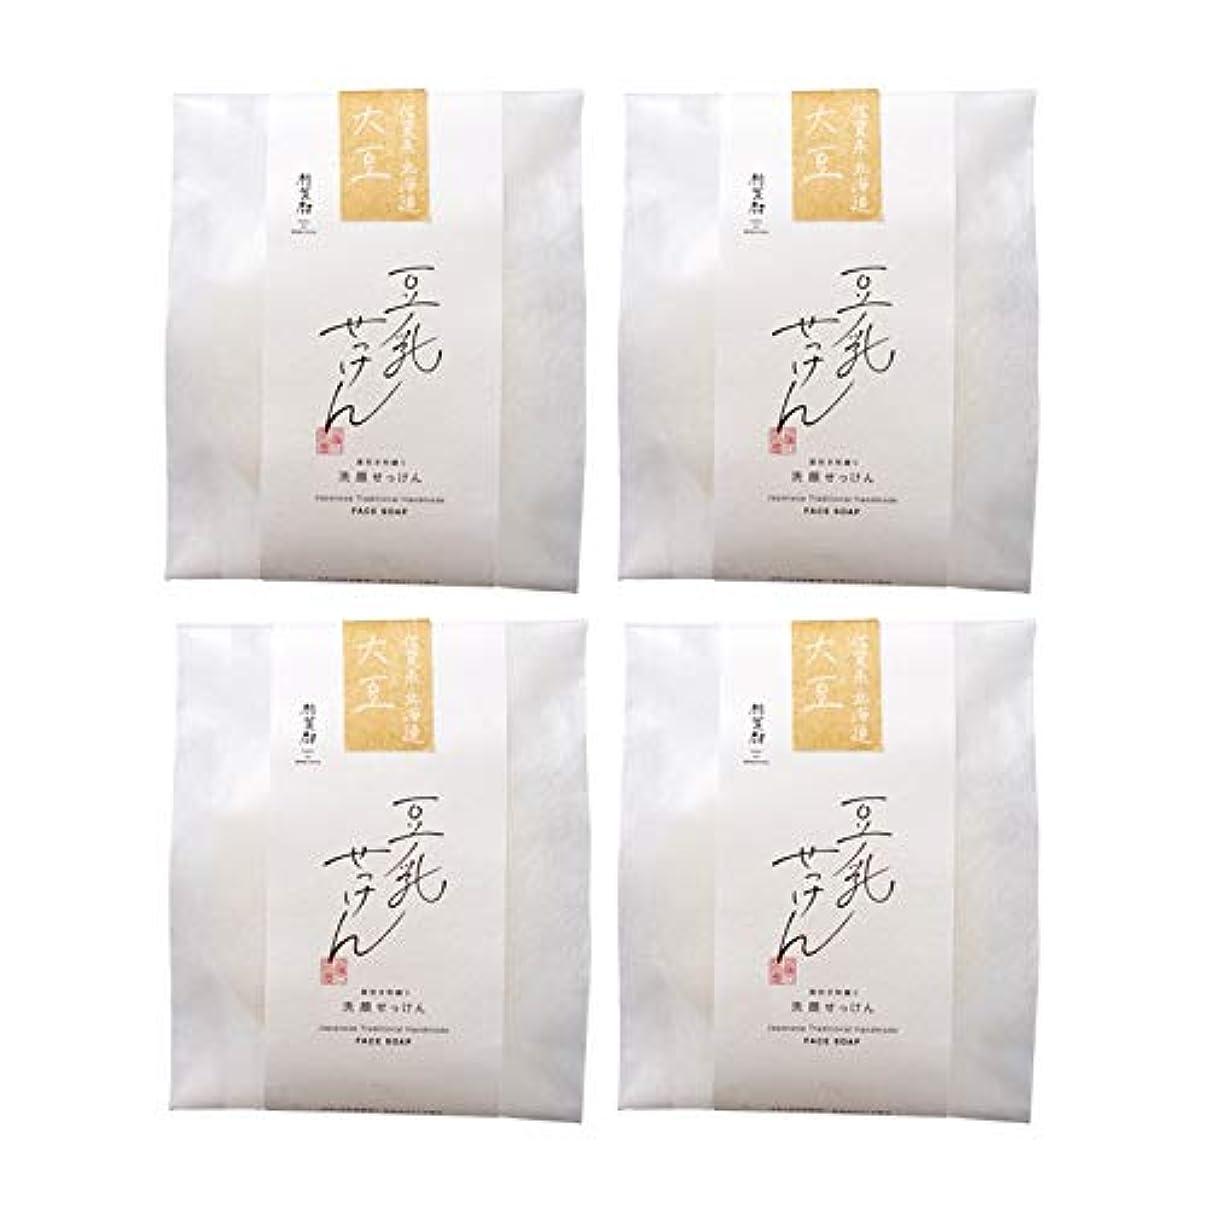 早熟ポイント怒り豆腐の盛田屋 豆乳せっけん 自然生活 100g×4個セット